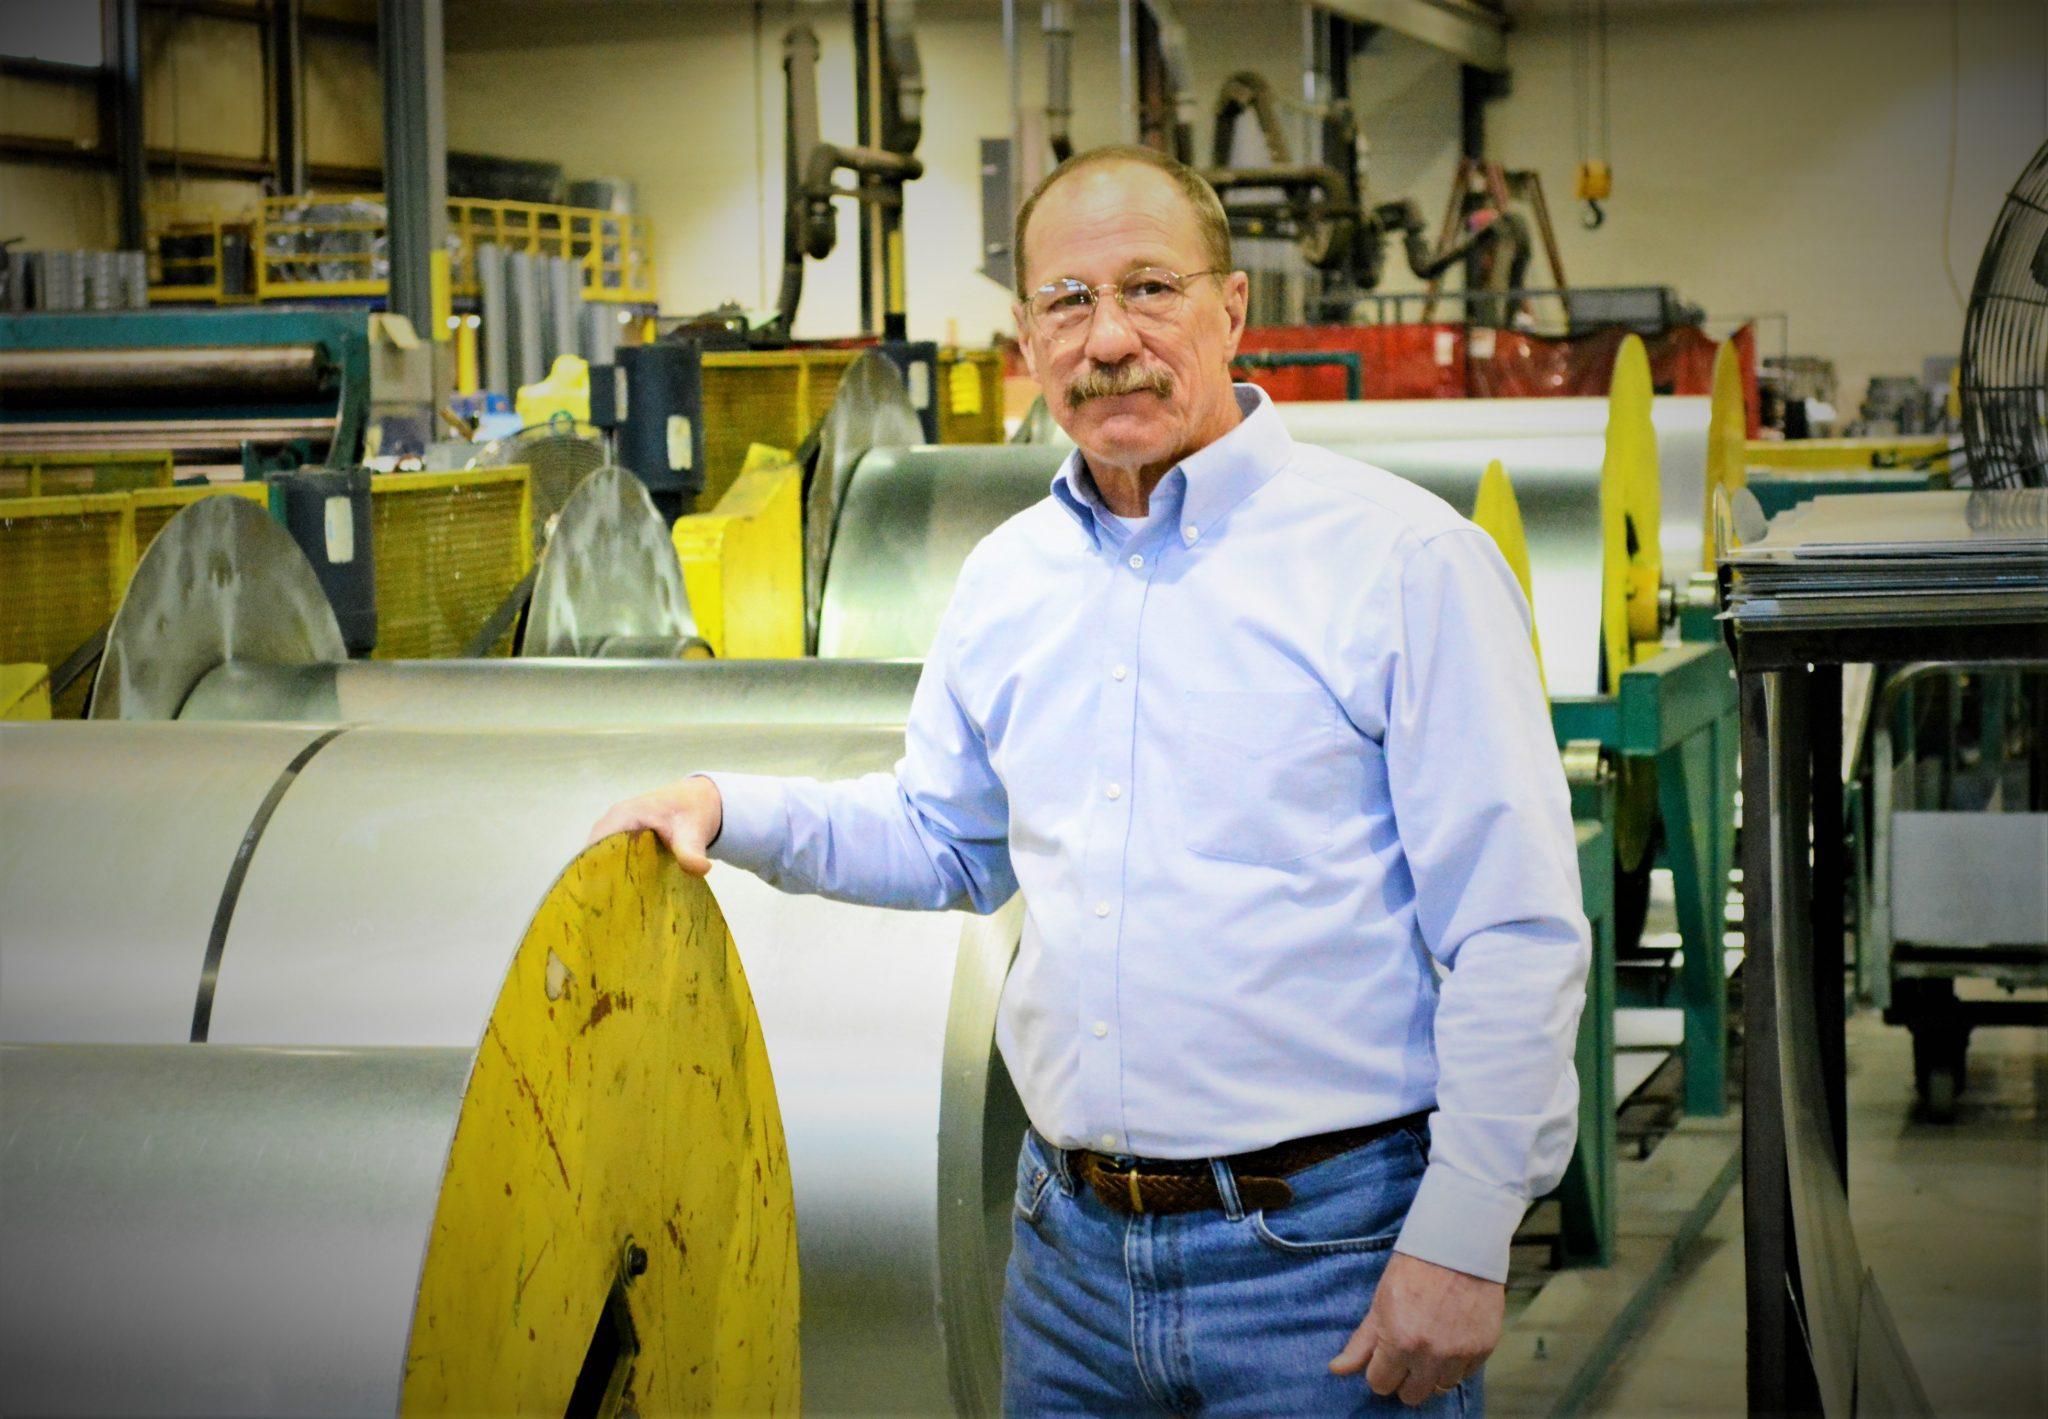 John Hettle, CEO